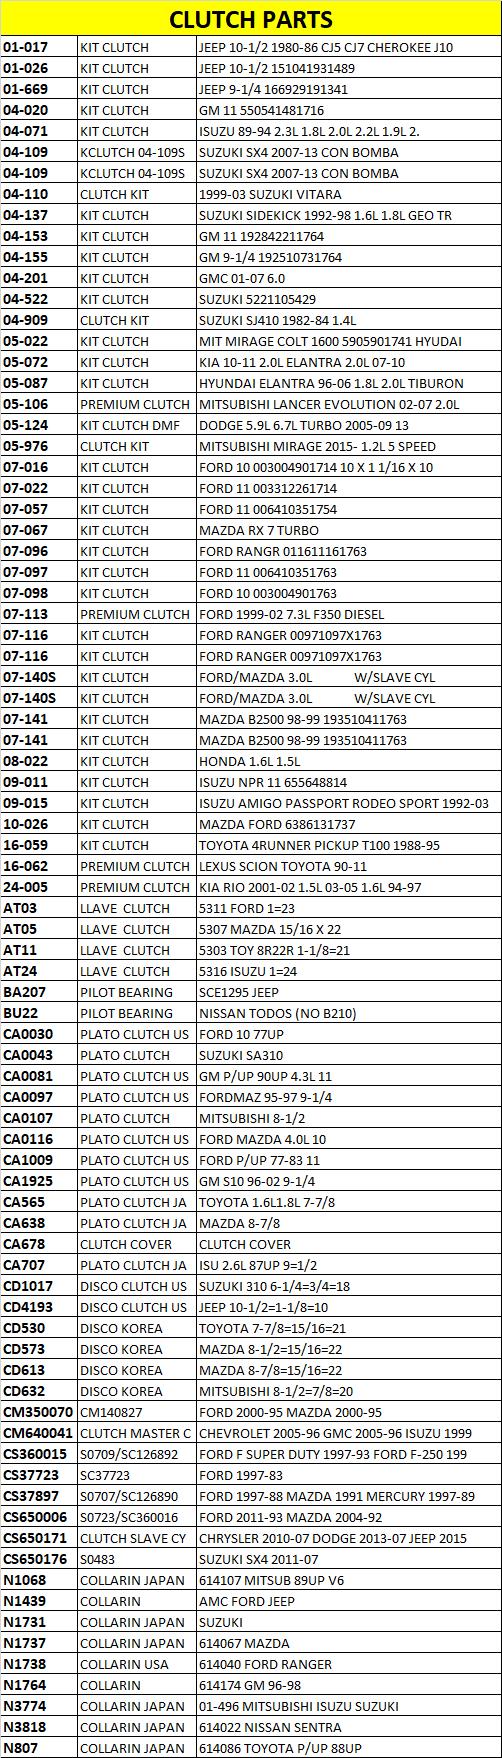 ALTA CLUTCH PARTS.png